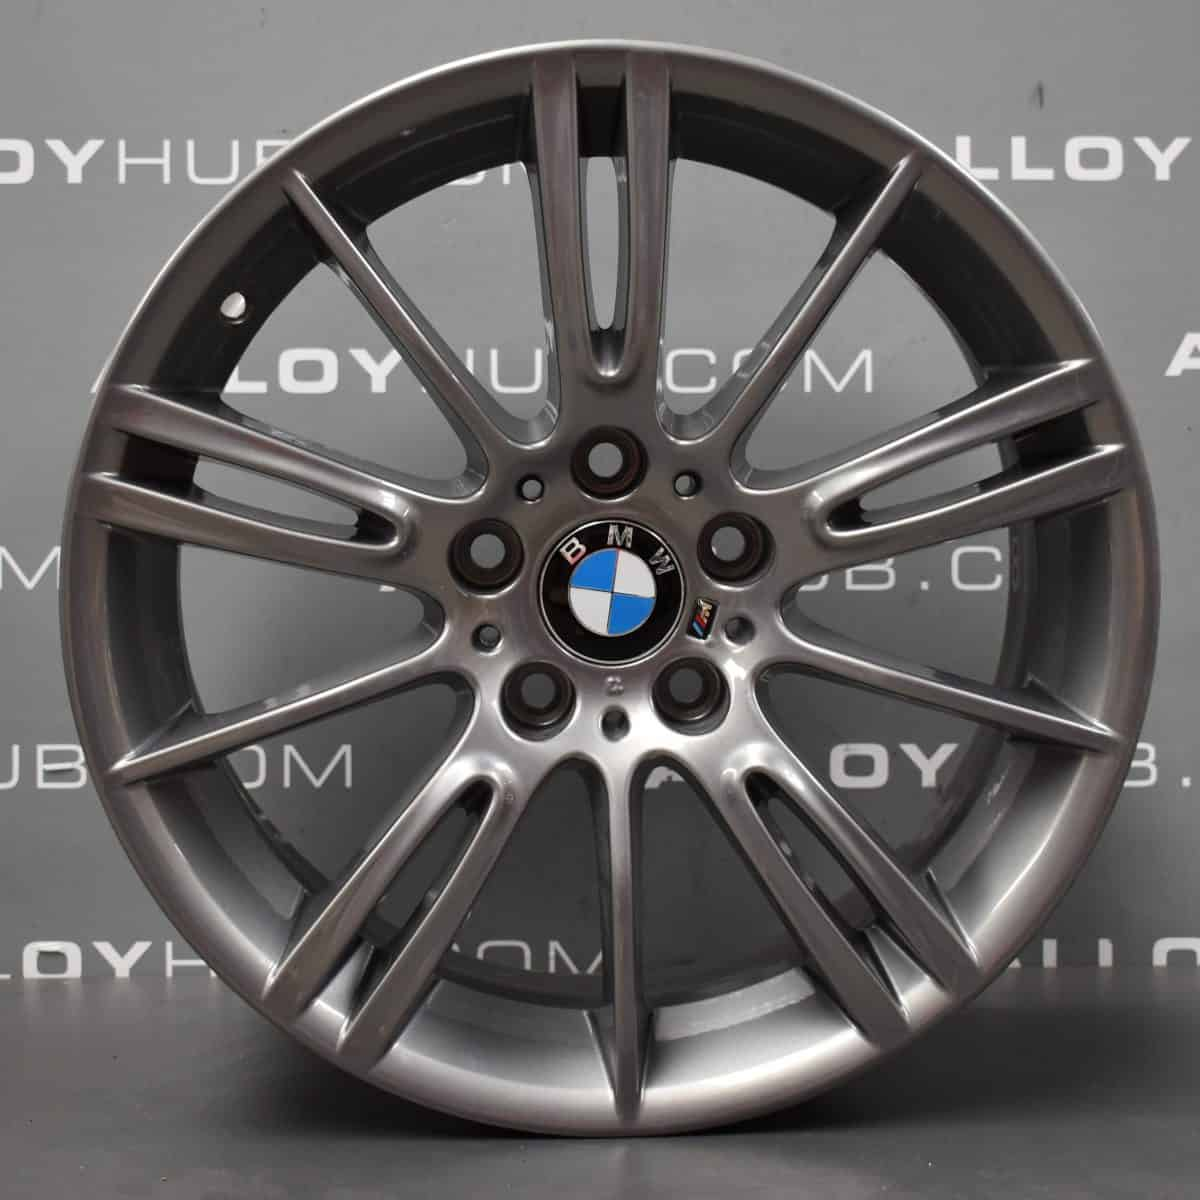 """Genuine BMW 3 Series MV3 193M Sport 18"""" Inch Alloy Wheels with Ferric Grey Finish 36118036933 36118036934"""